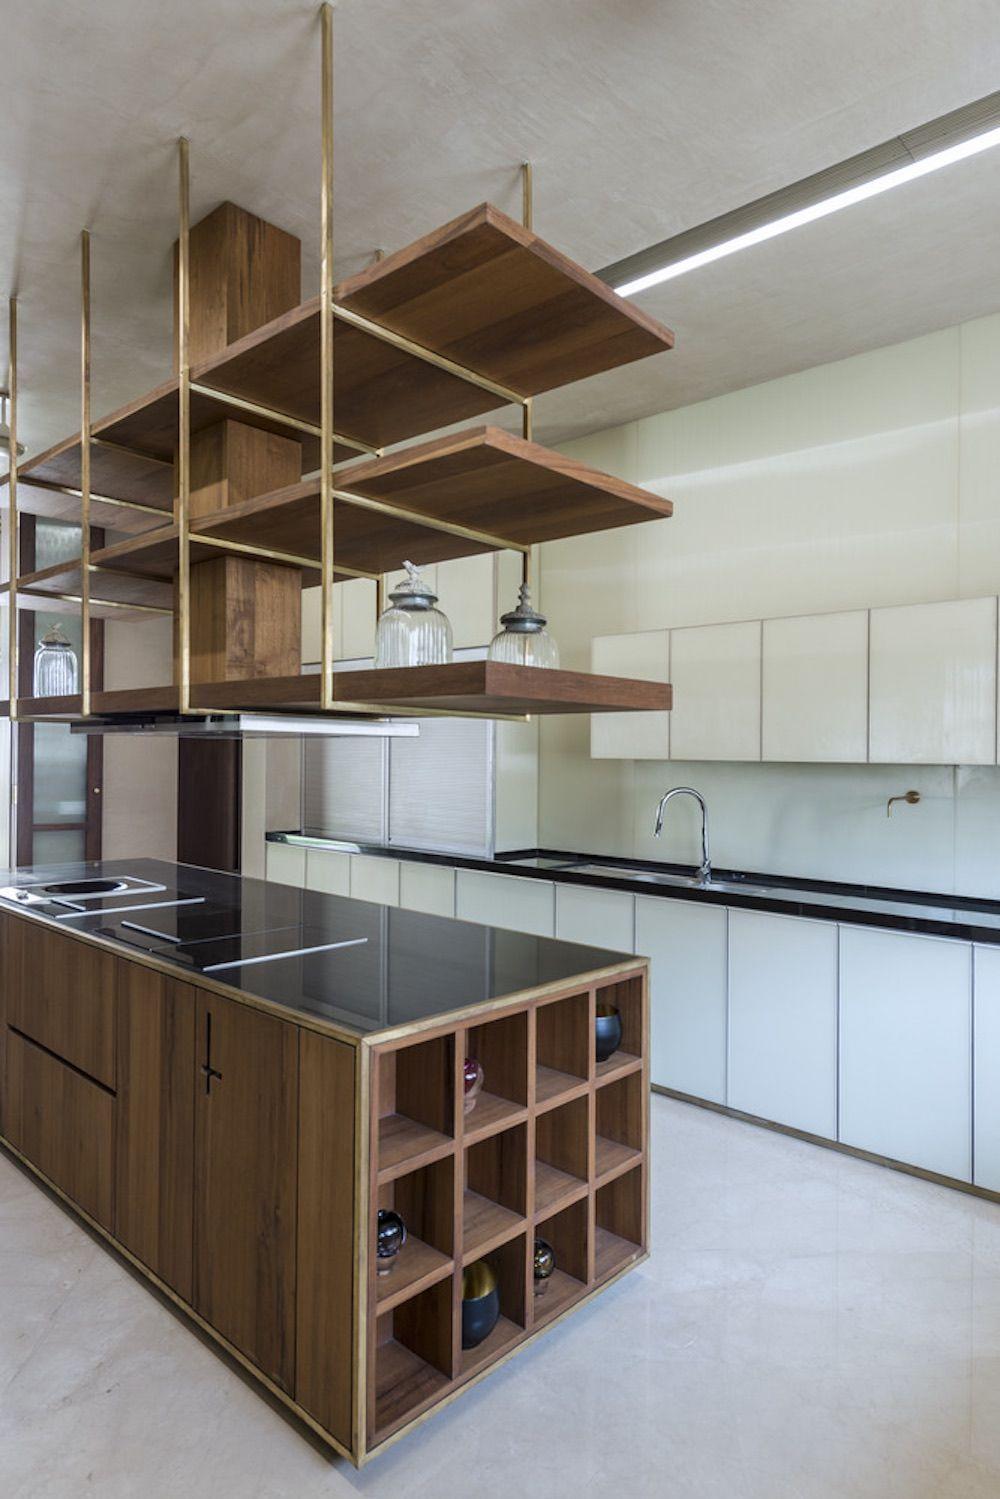 Nett Küchendesign Für Indische Häuser Fotos Ideen - Küchenschrank ...